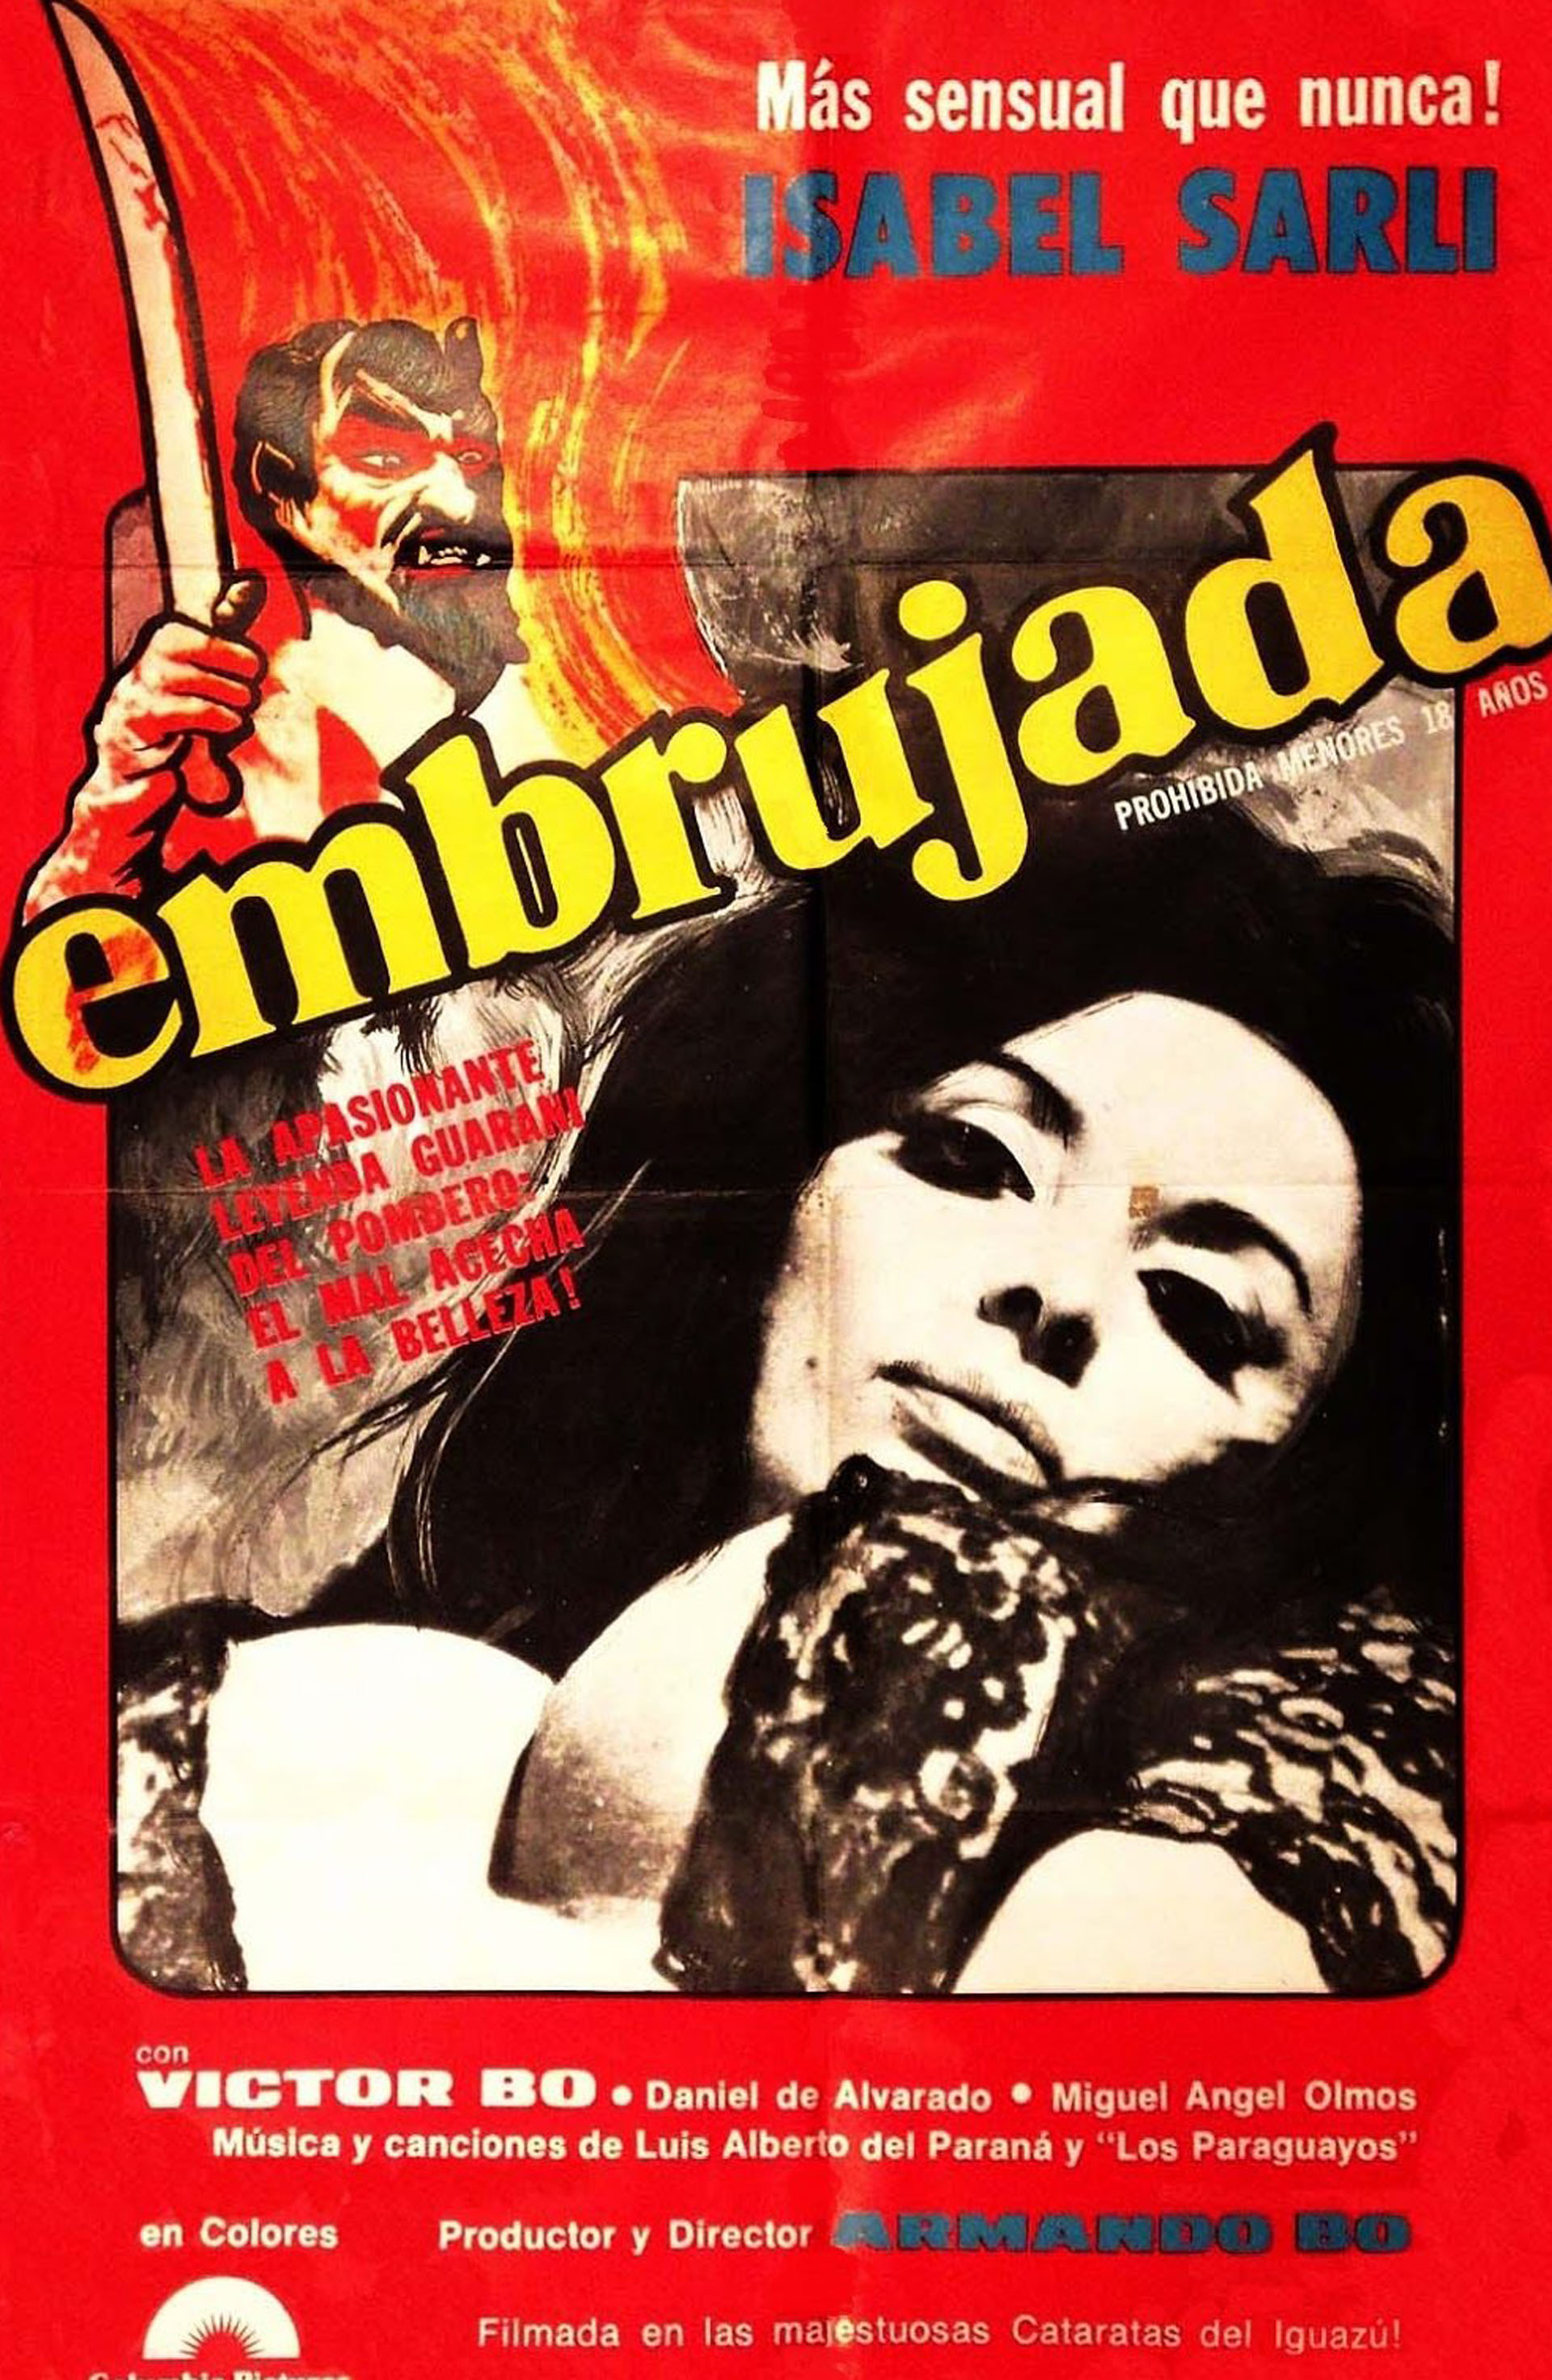 Embrujada se produjo en 1969 pero se estrenó recién en 1976. A diferencia de las anteriores, esta no la protagonizó Armando Bó